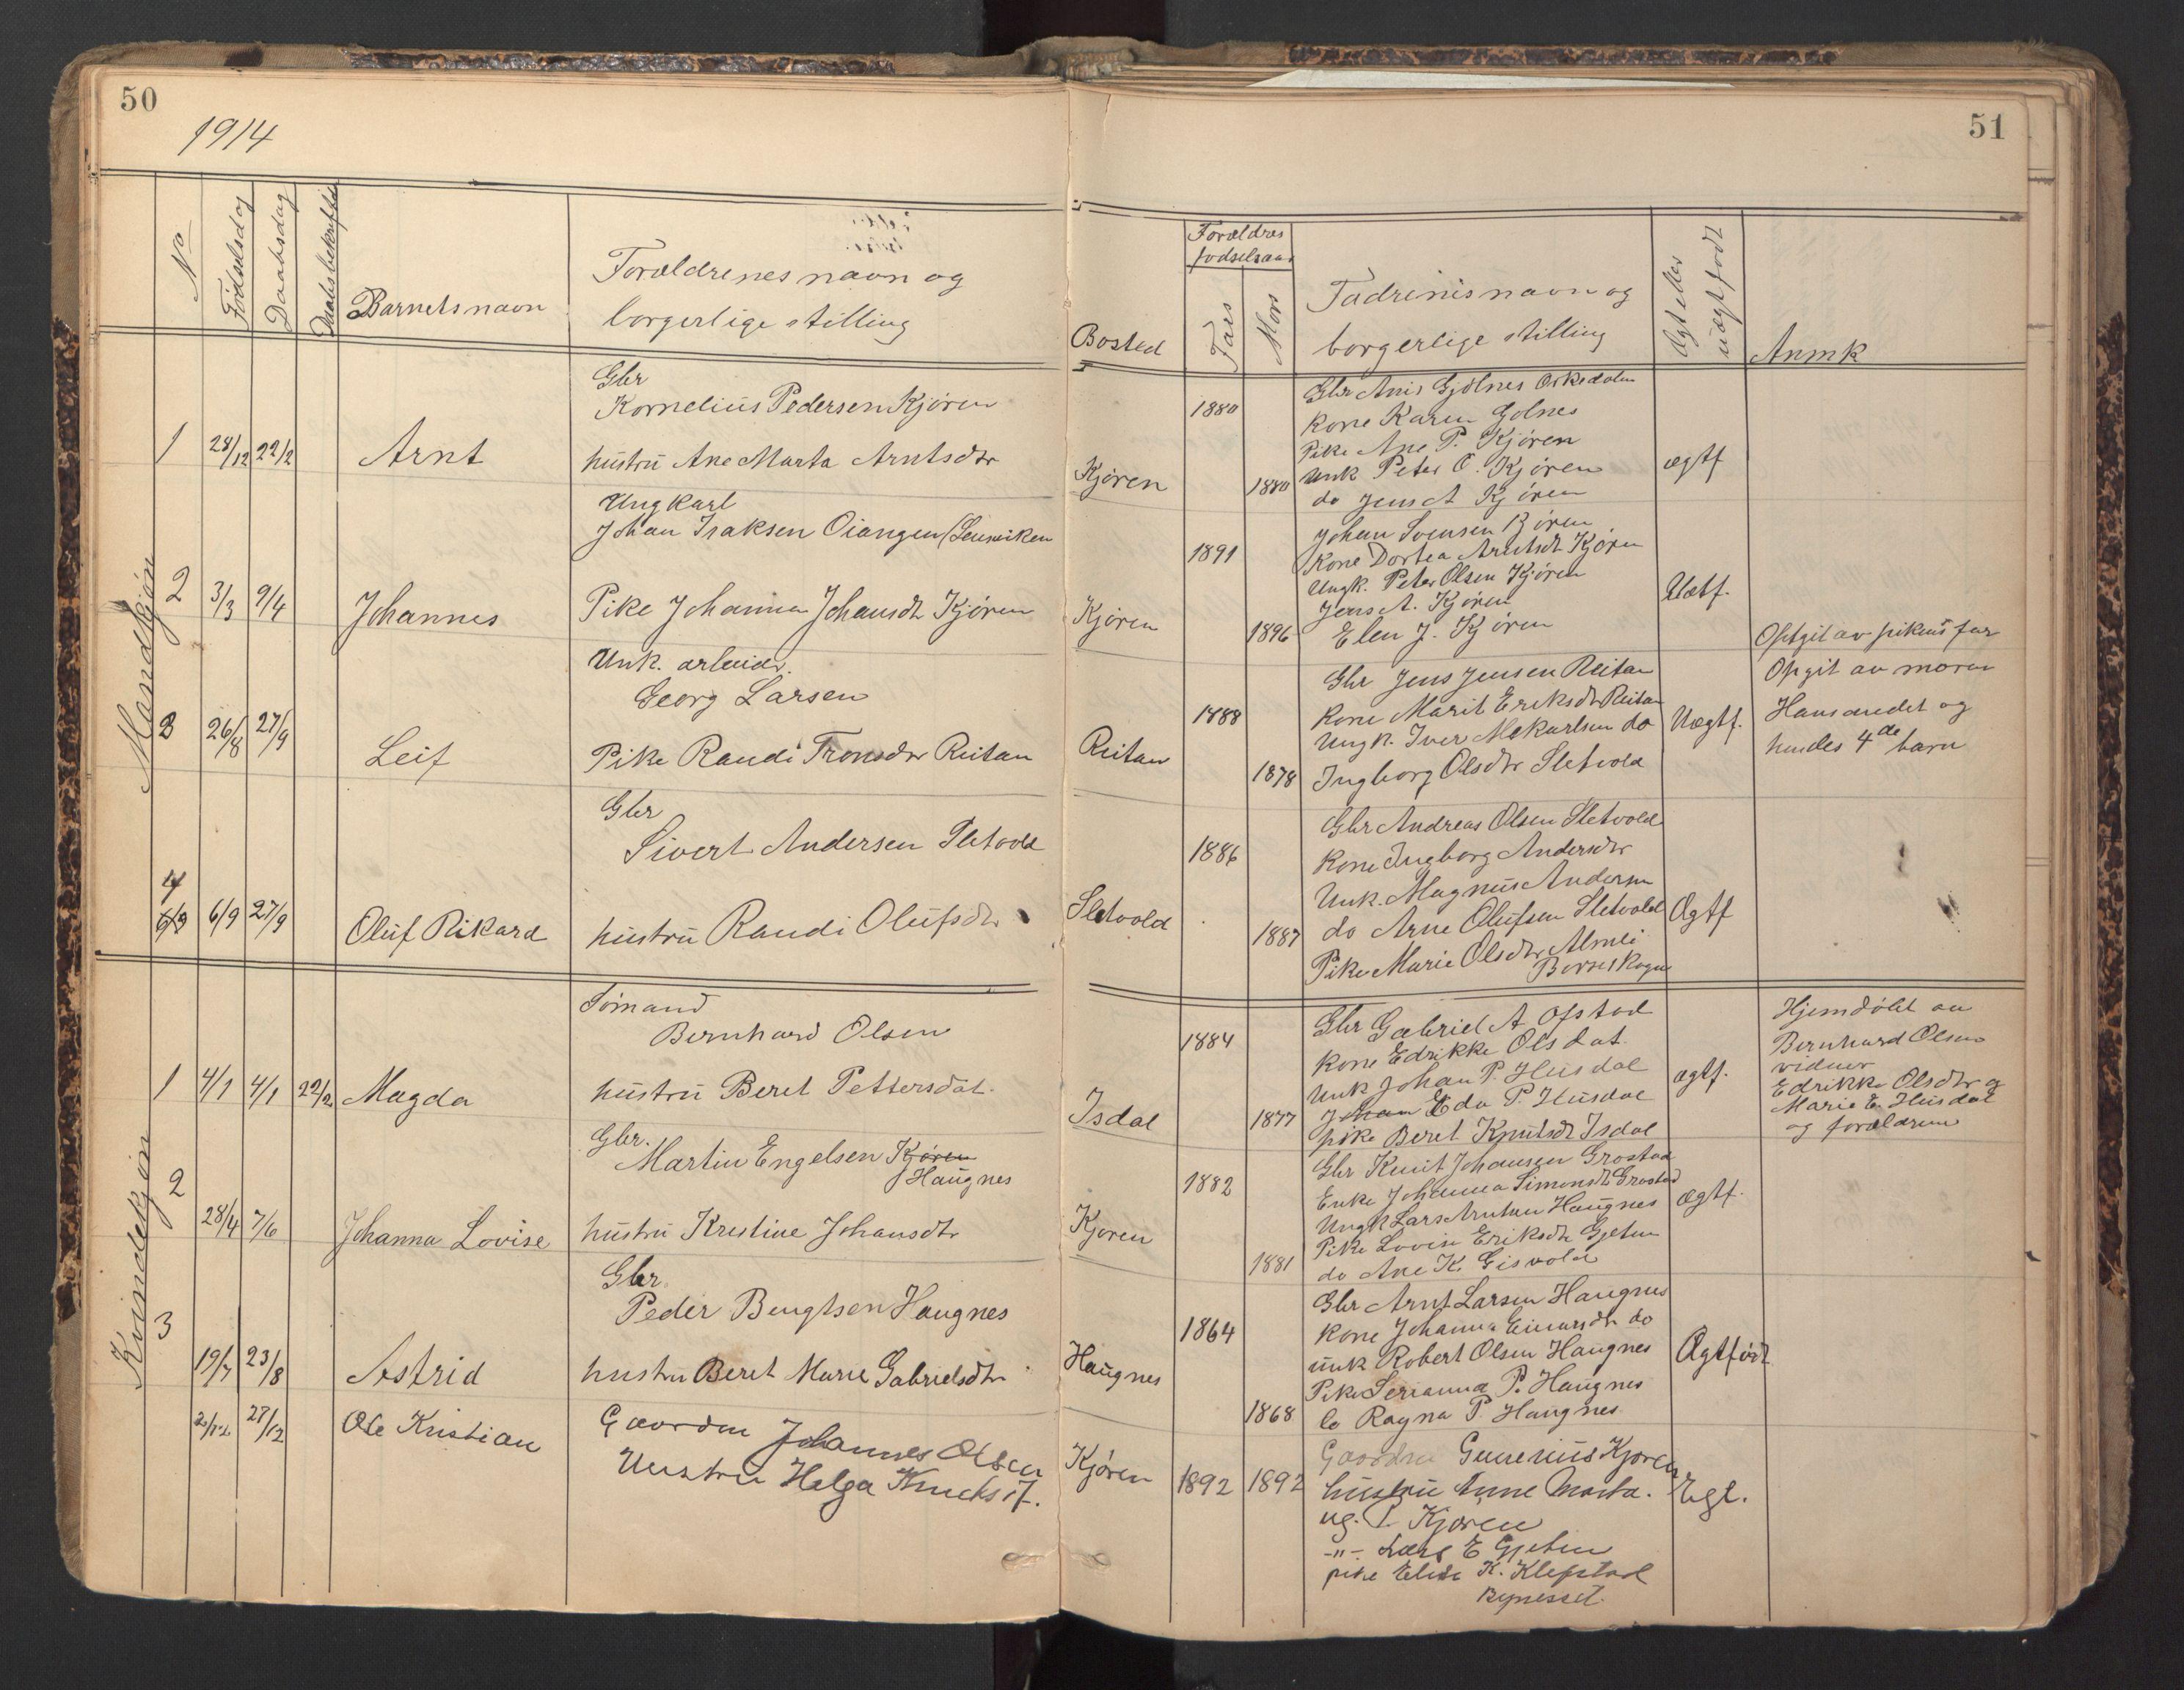 SAT, Ministerialprotokoller, klokkerbøker og fødselsregistre - Sør-Trøndelag, 670/L0837: Klokkerbok nr. 670C01, 1905-1946, s. 50-51